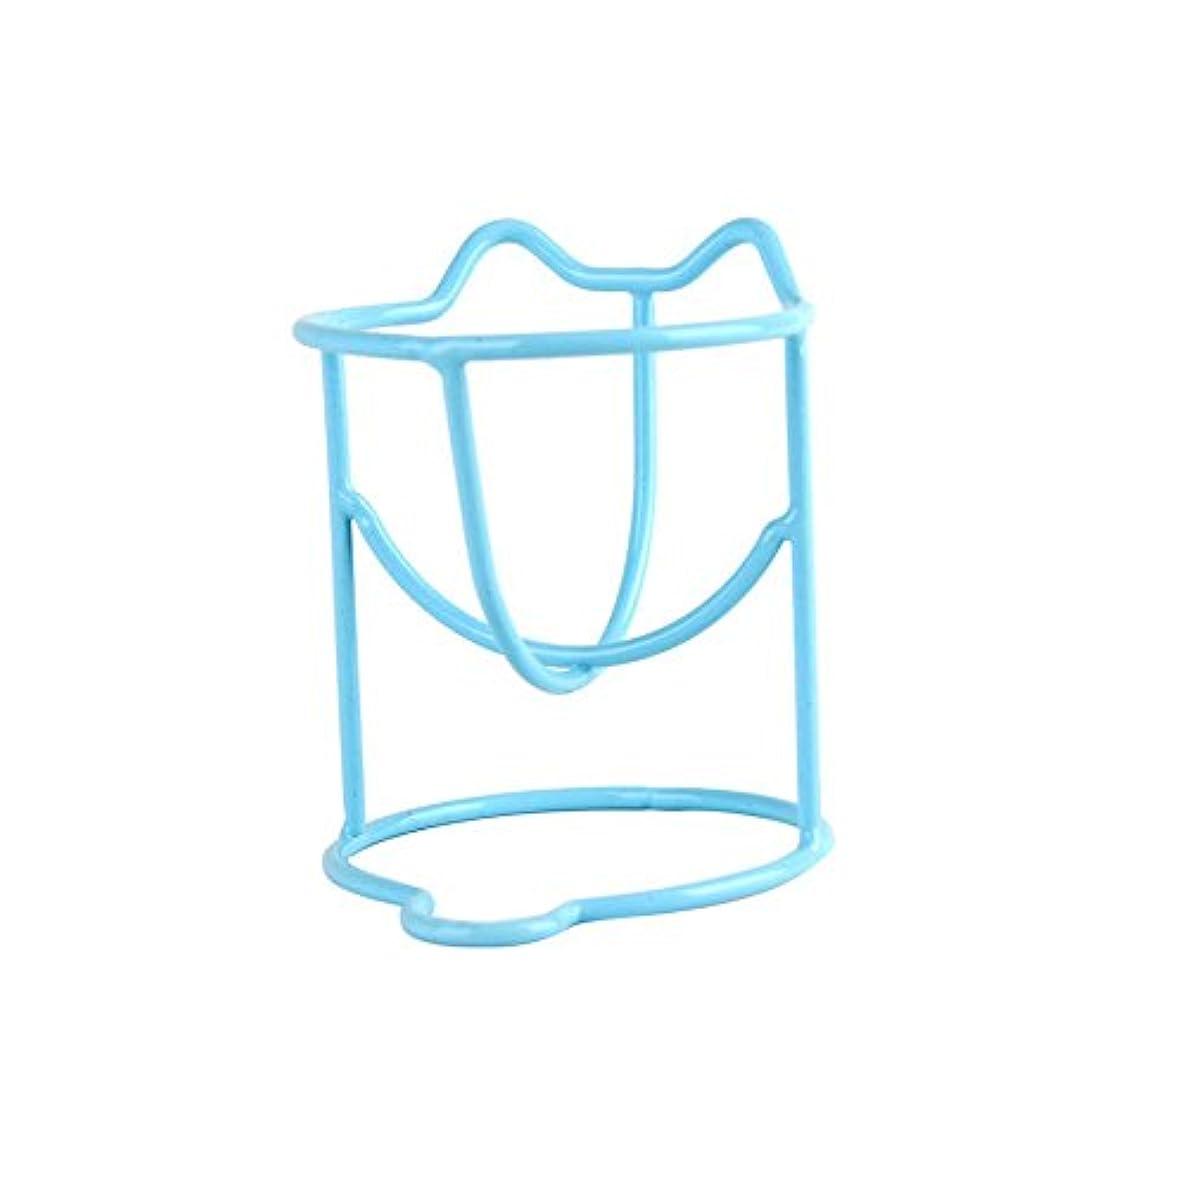 トイレ飛行場宿る2つの乾燥ホルダーラックファッションメイク卵パウダーパフスポンジディスプレイスタンドのセット